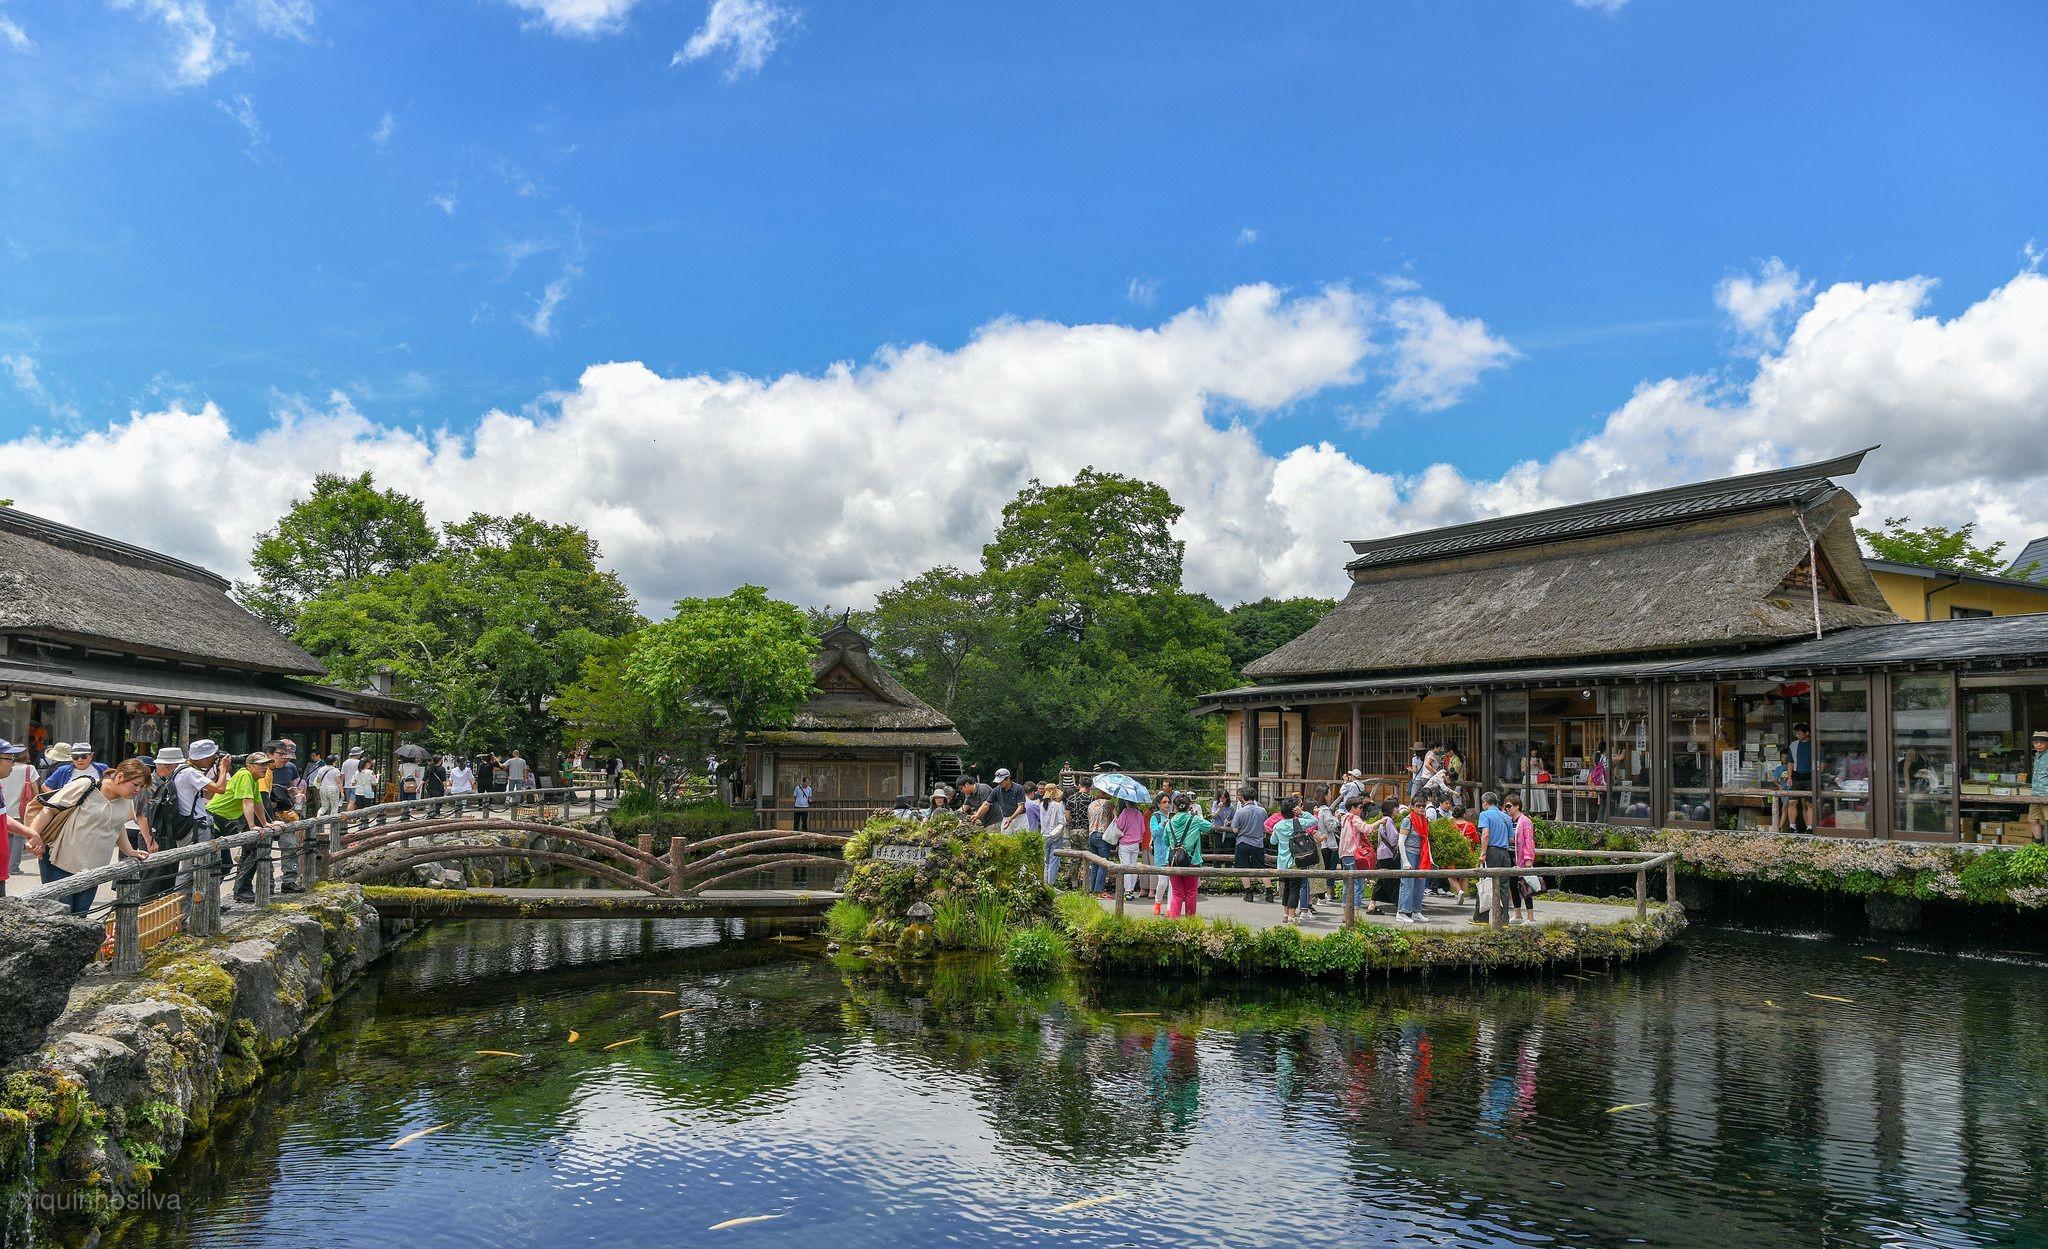 【東京FUN遊雙樂園】嚕嚕米主題樂園、夢幻迪士尼、長腳蟹吃到飽溫泉美食饗宴5日